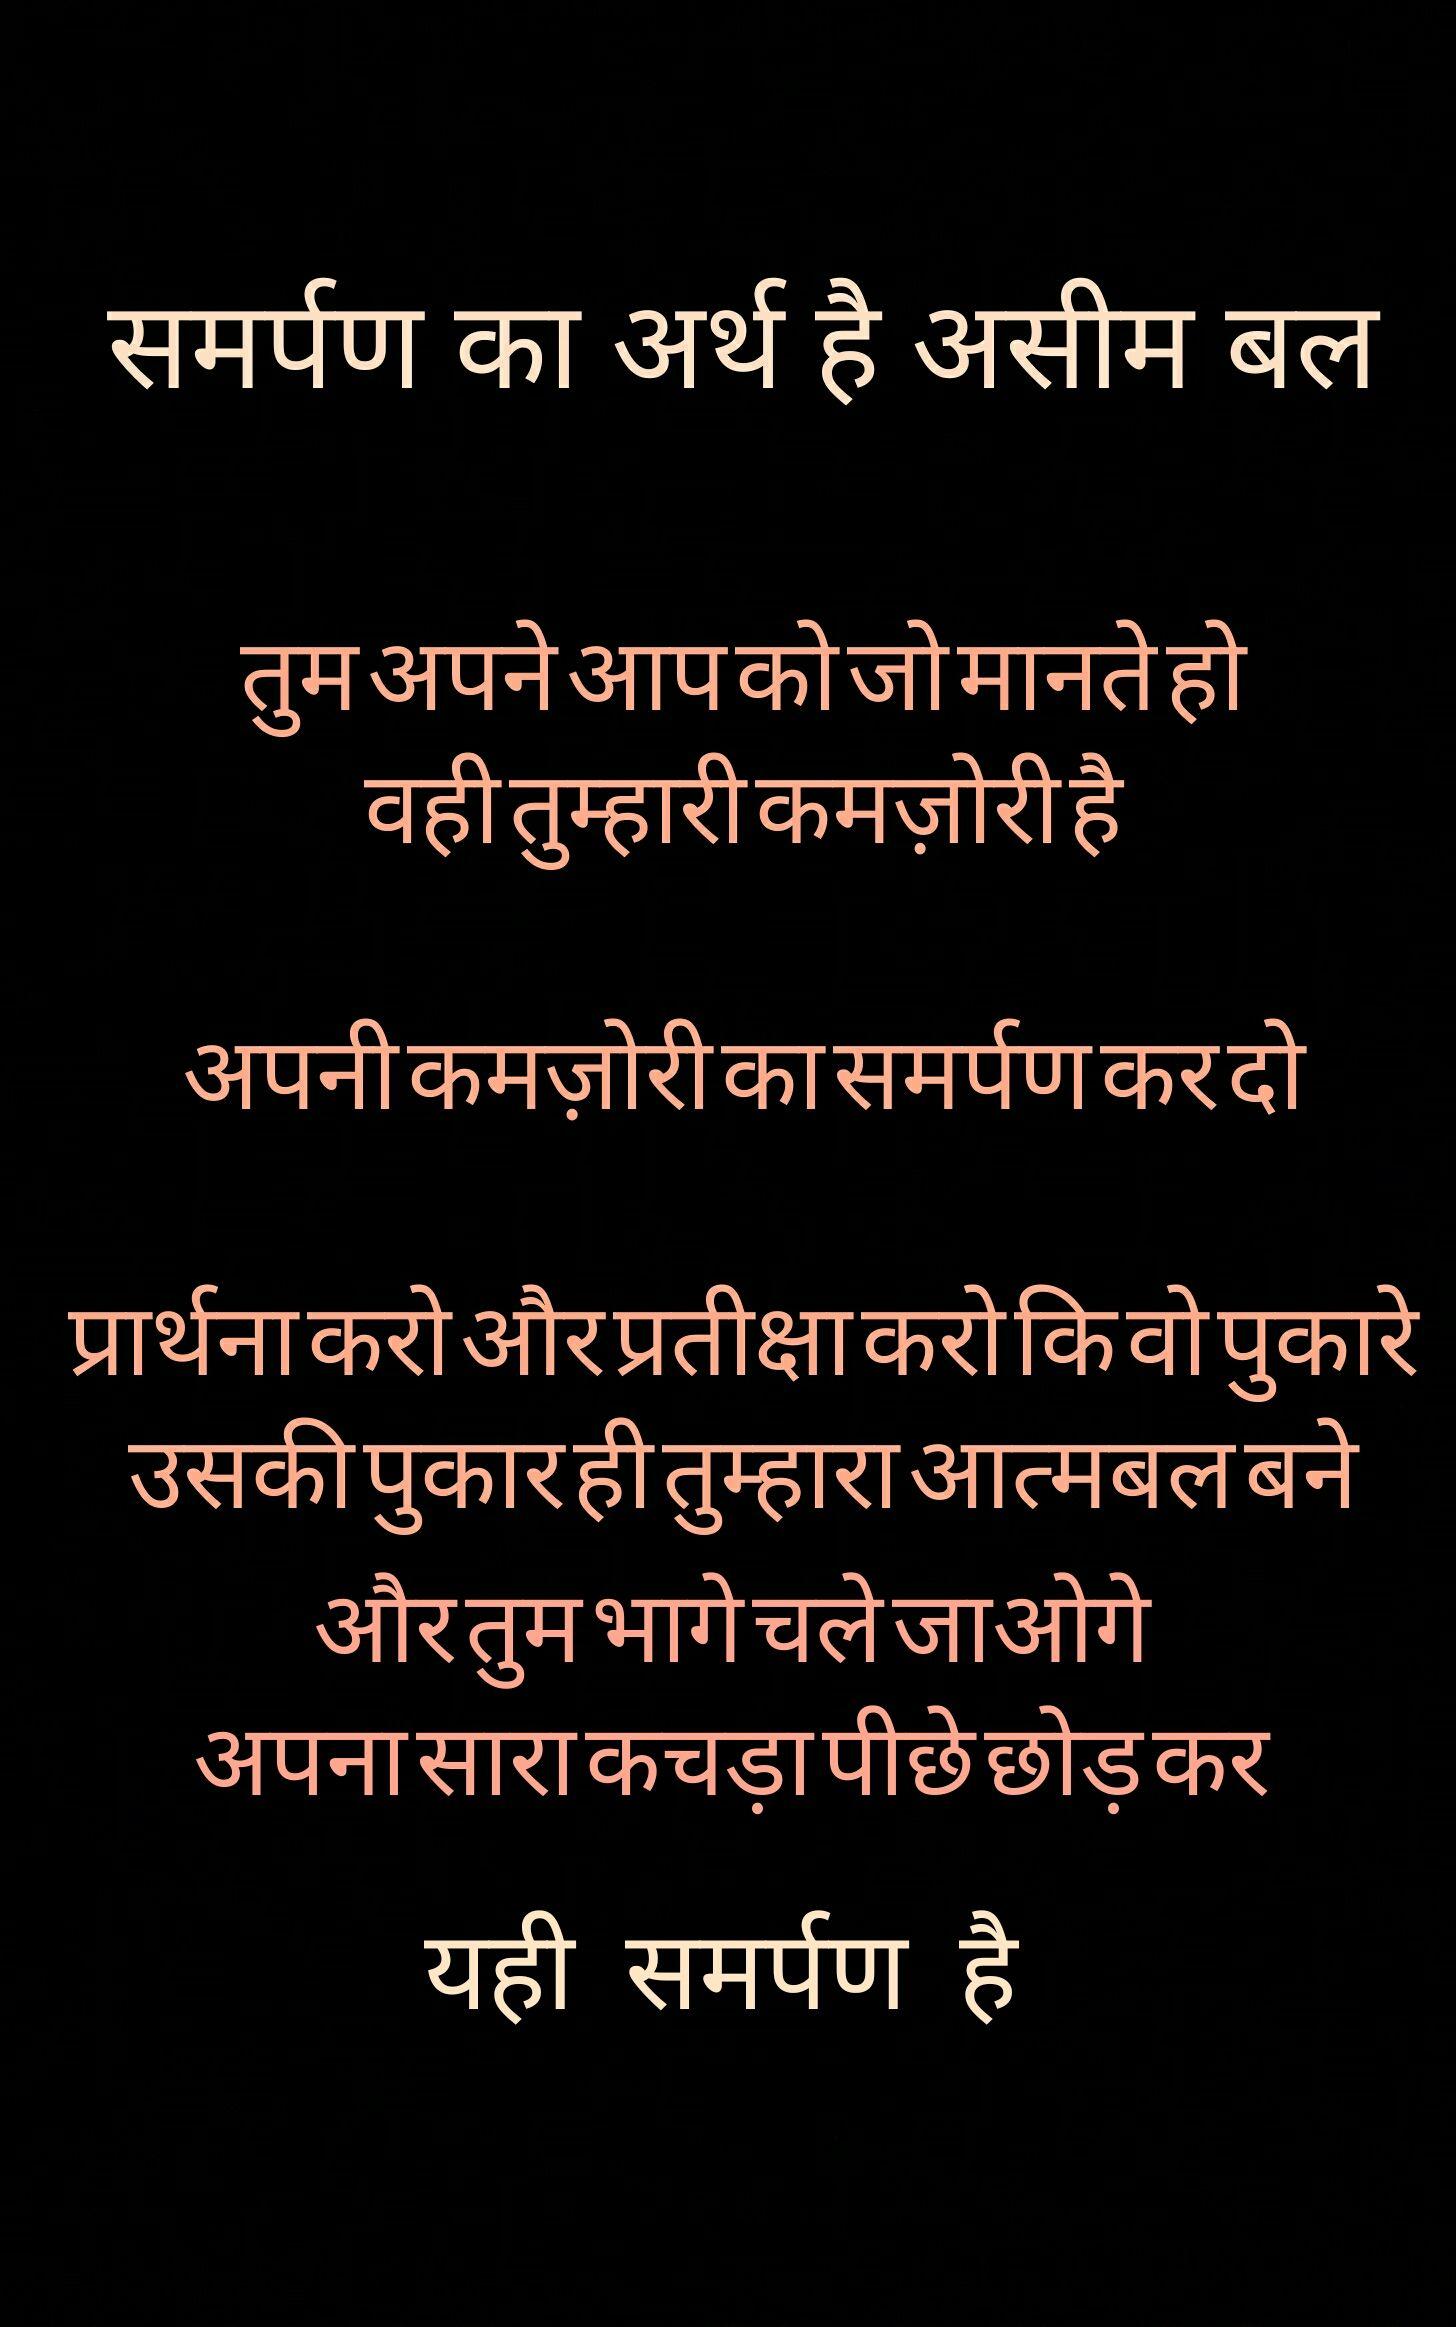 समर पण क अर थ ह अस म बल त म अपन आप क ज म नत ह वह त म ह र कमज र ह अपन कमज र क समर पण कर द श र प रश Wise Quotes Hindi Quotes